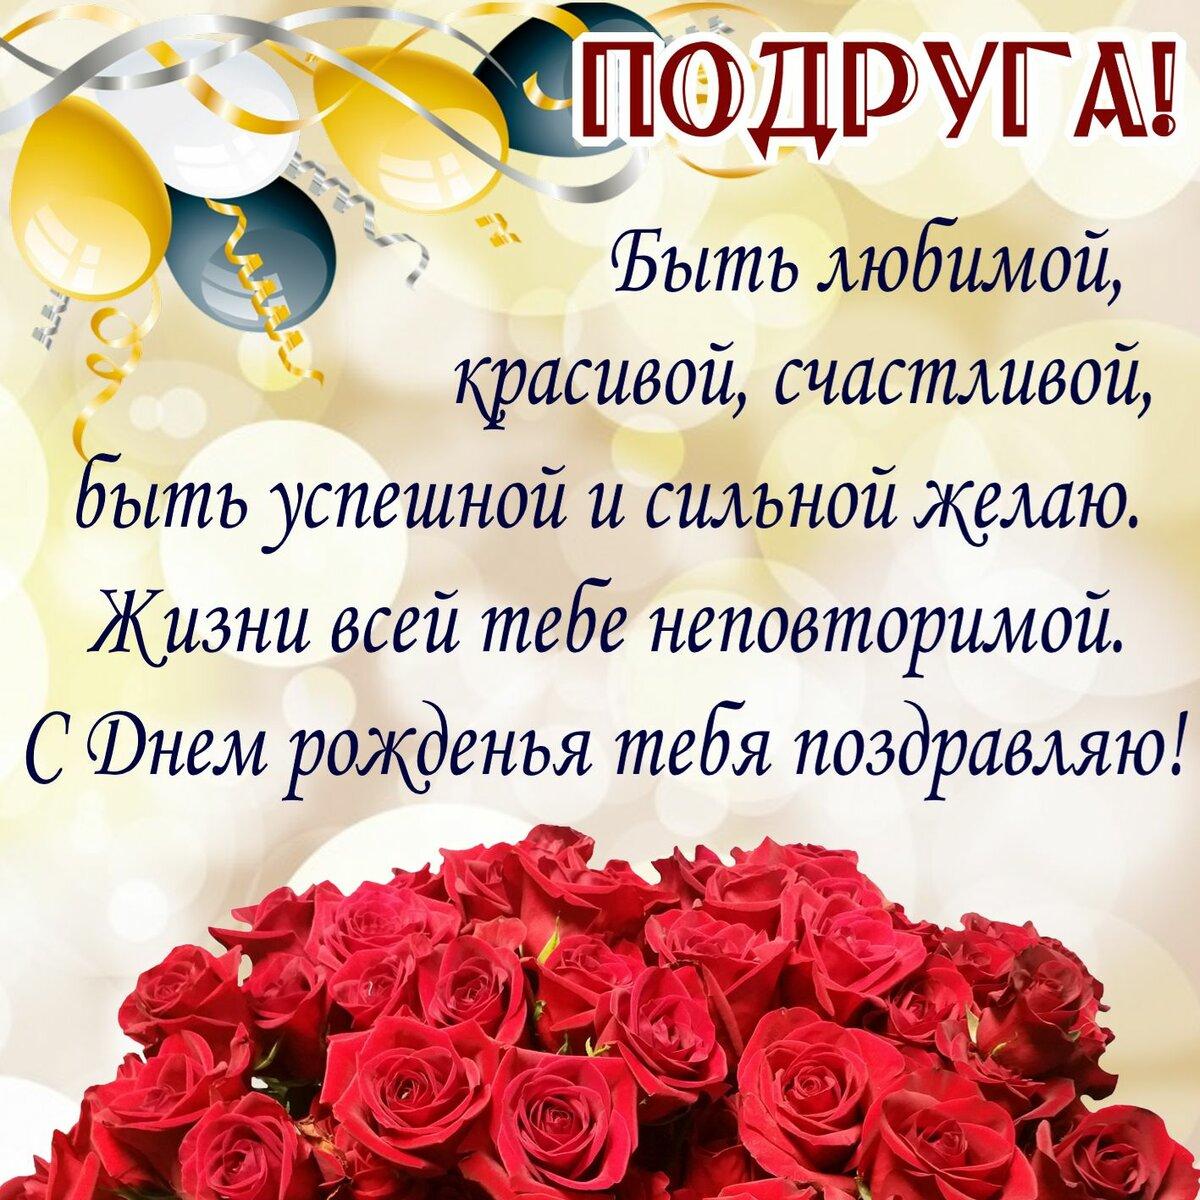 Красивые картинки для поздравления подруги, пожелания хороших